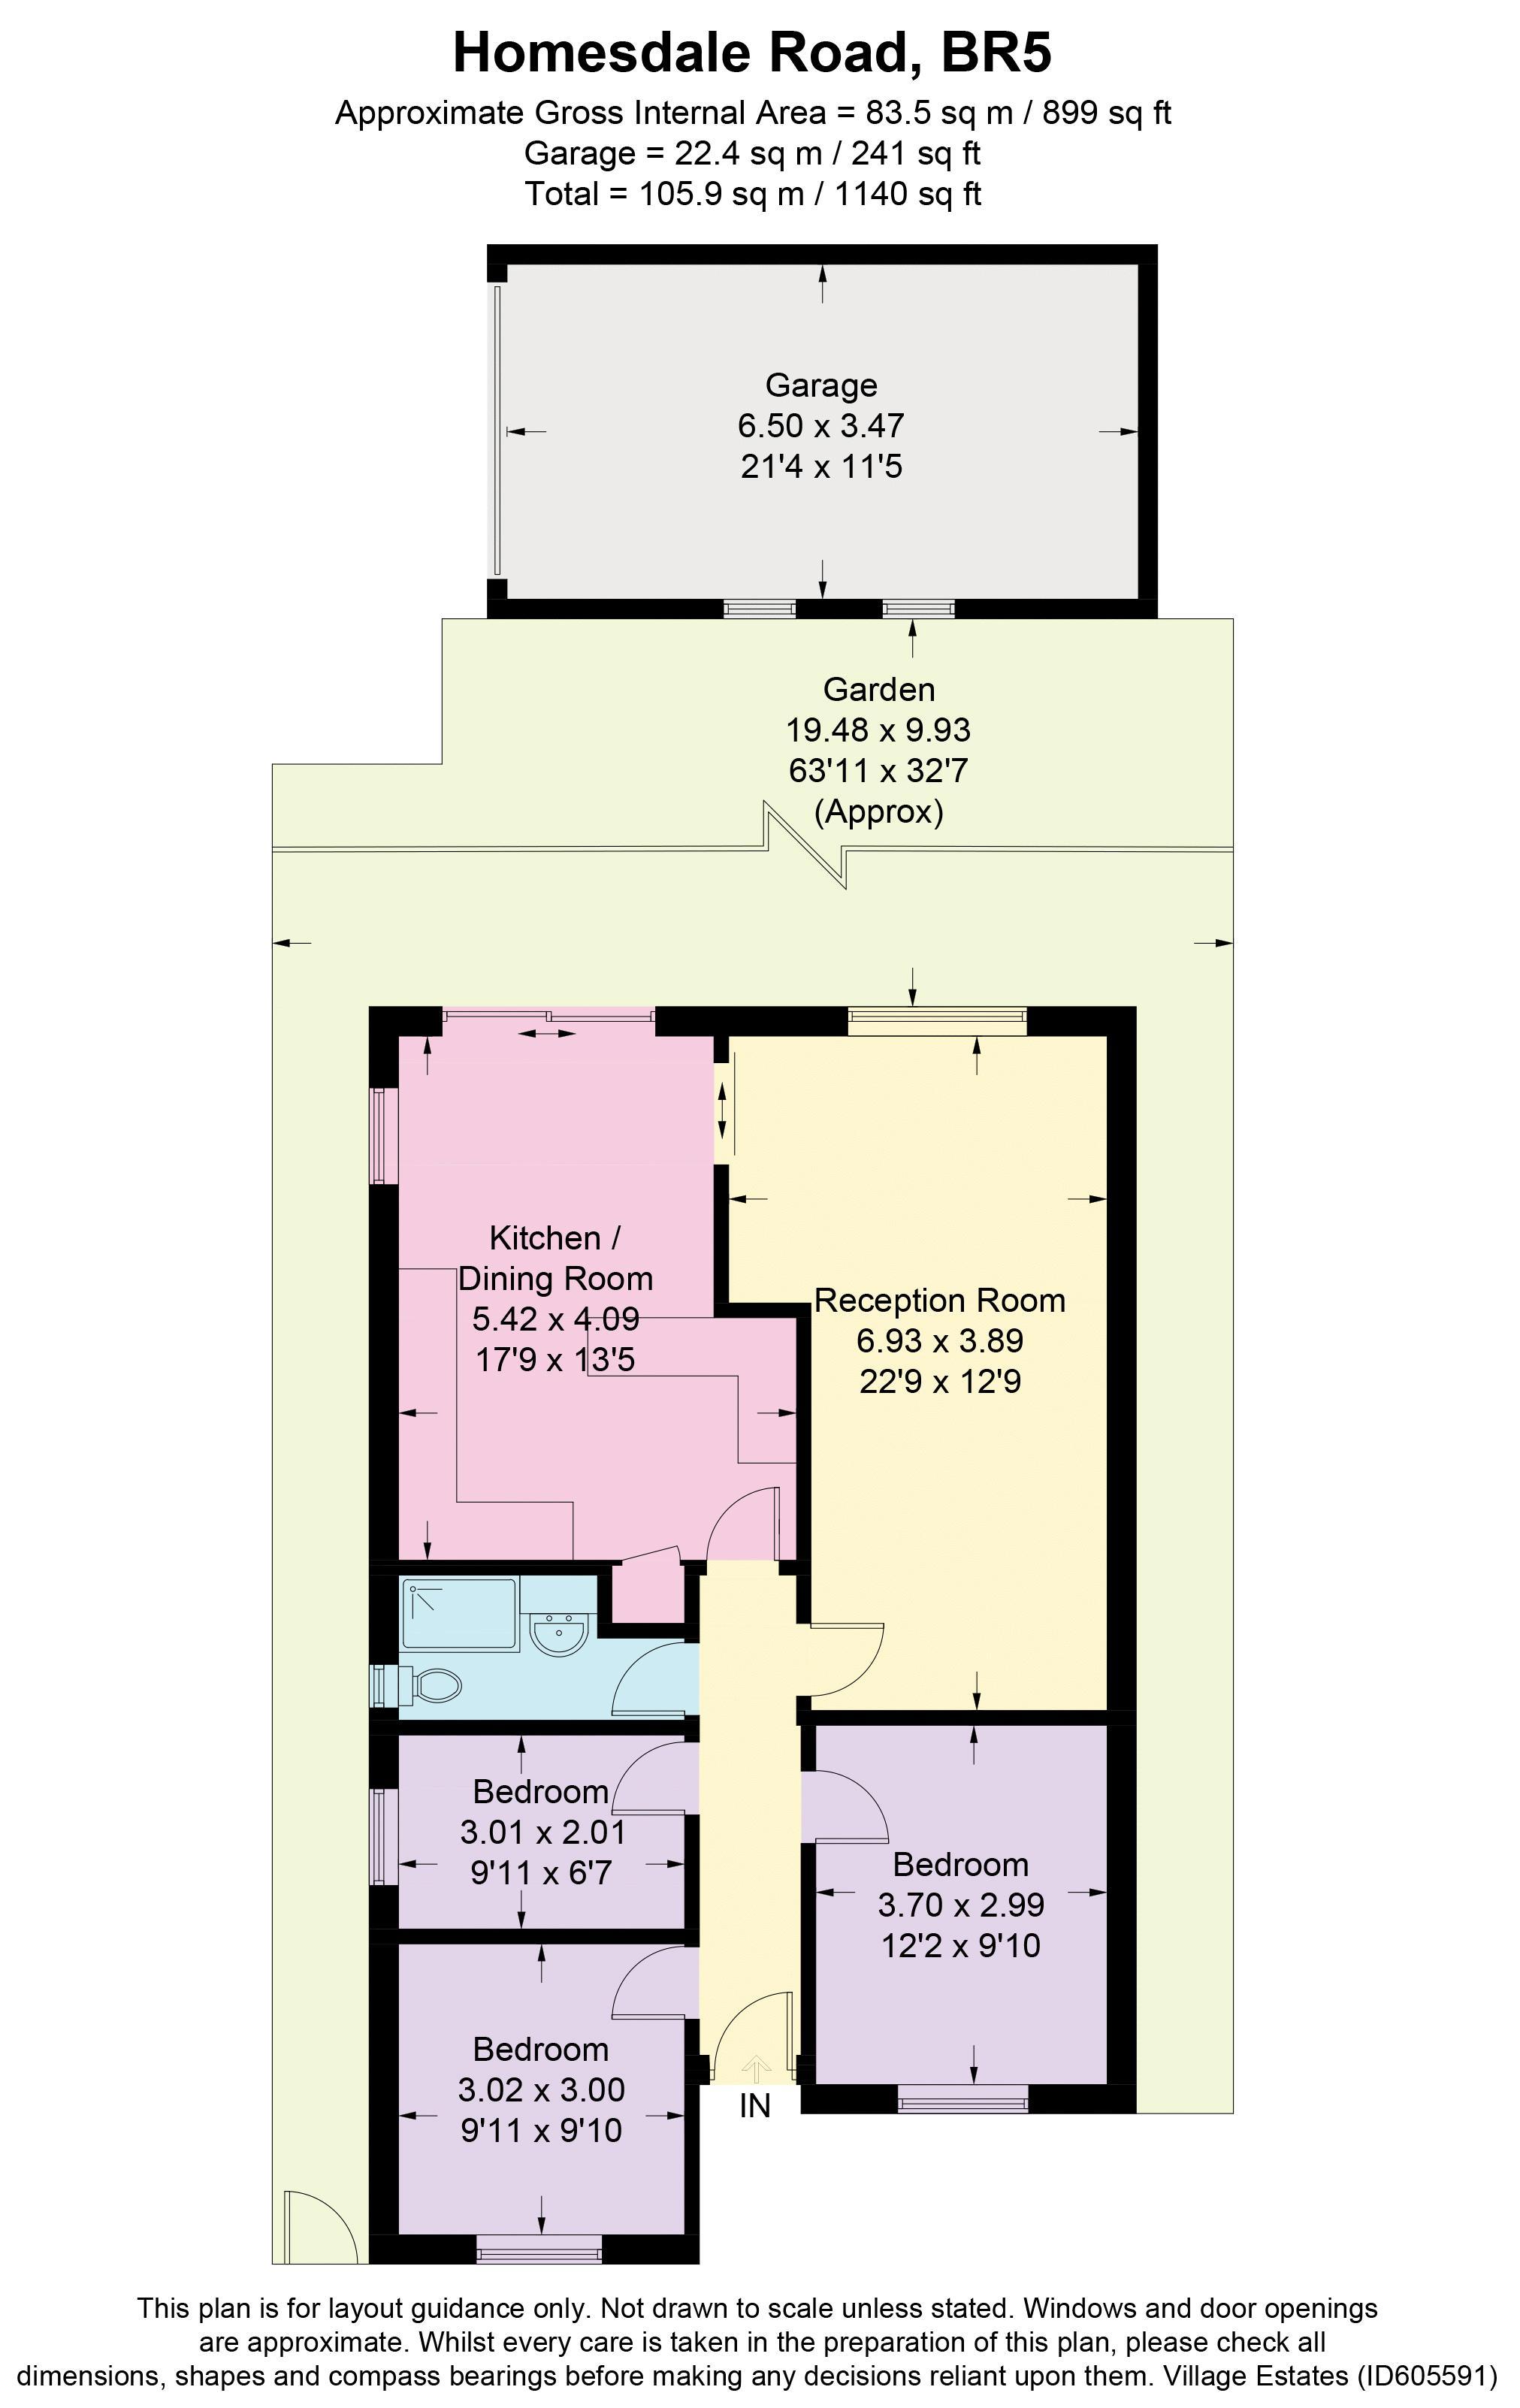 Homesdale Road Floorplan